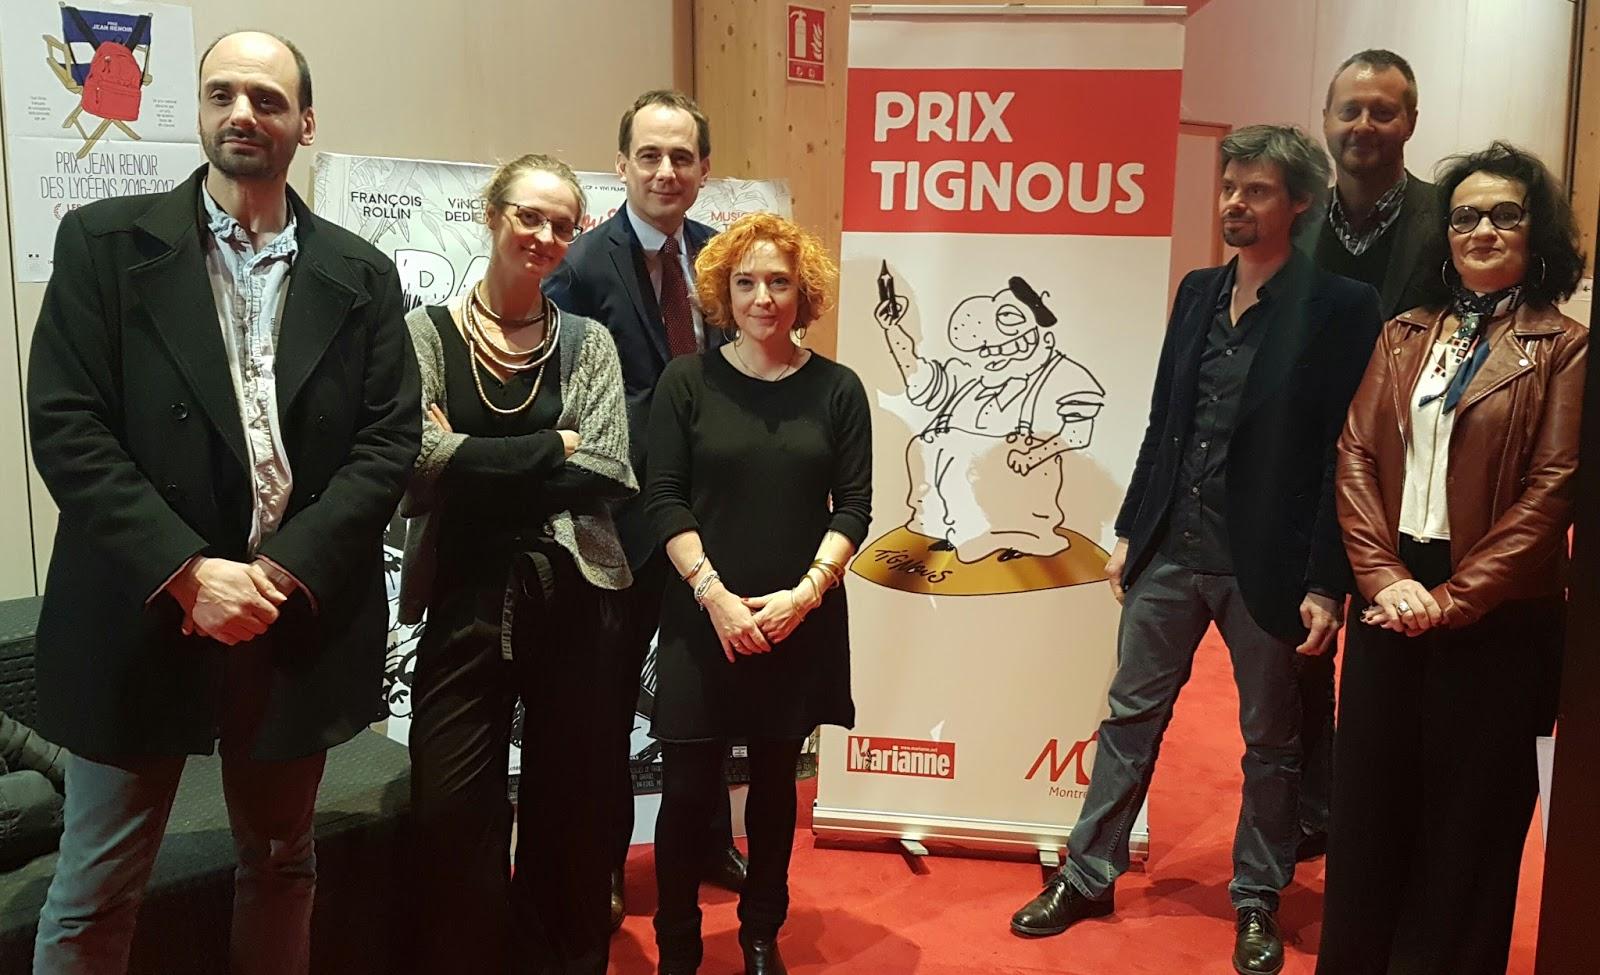 Le Prix Tignous : de gauche à droitele dessinateur Gros, Camille Besse, Patrice Bessac, Chloé Verlhac, Thierry Garance, Joseph Macé-Scaron, Alexie Lorca.